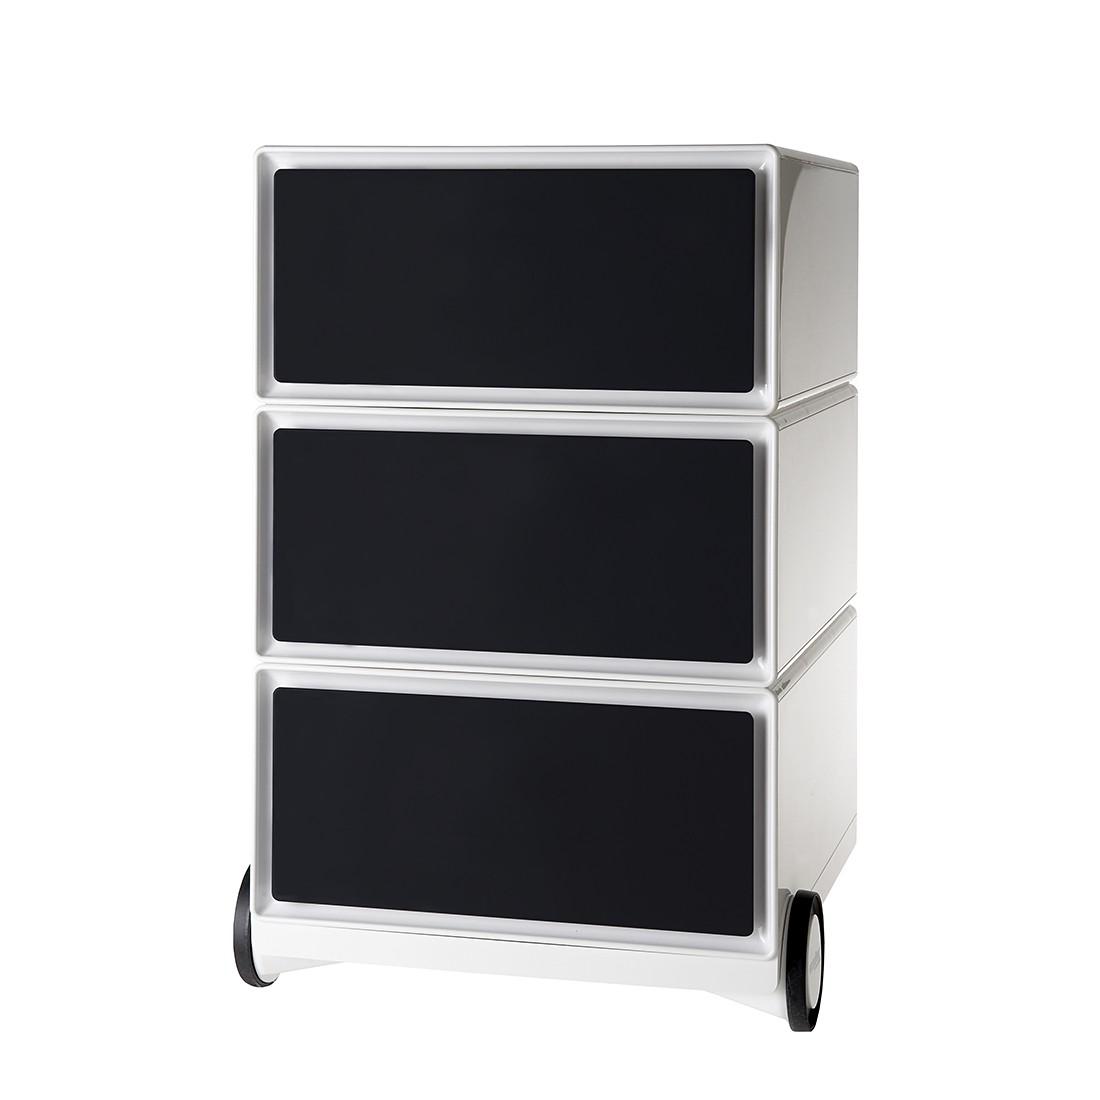 Rollende kast easyBox I - Wit/zwart, easy Office und Paperflow